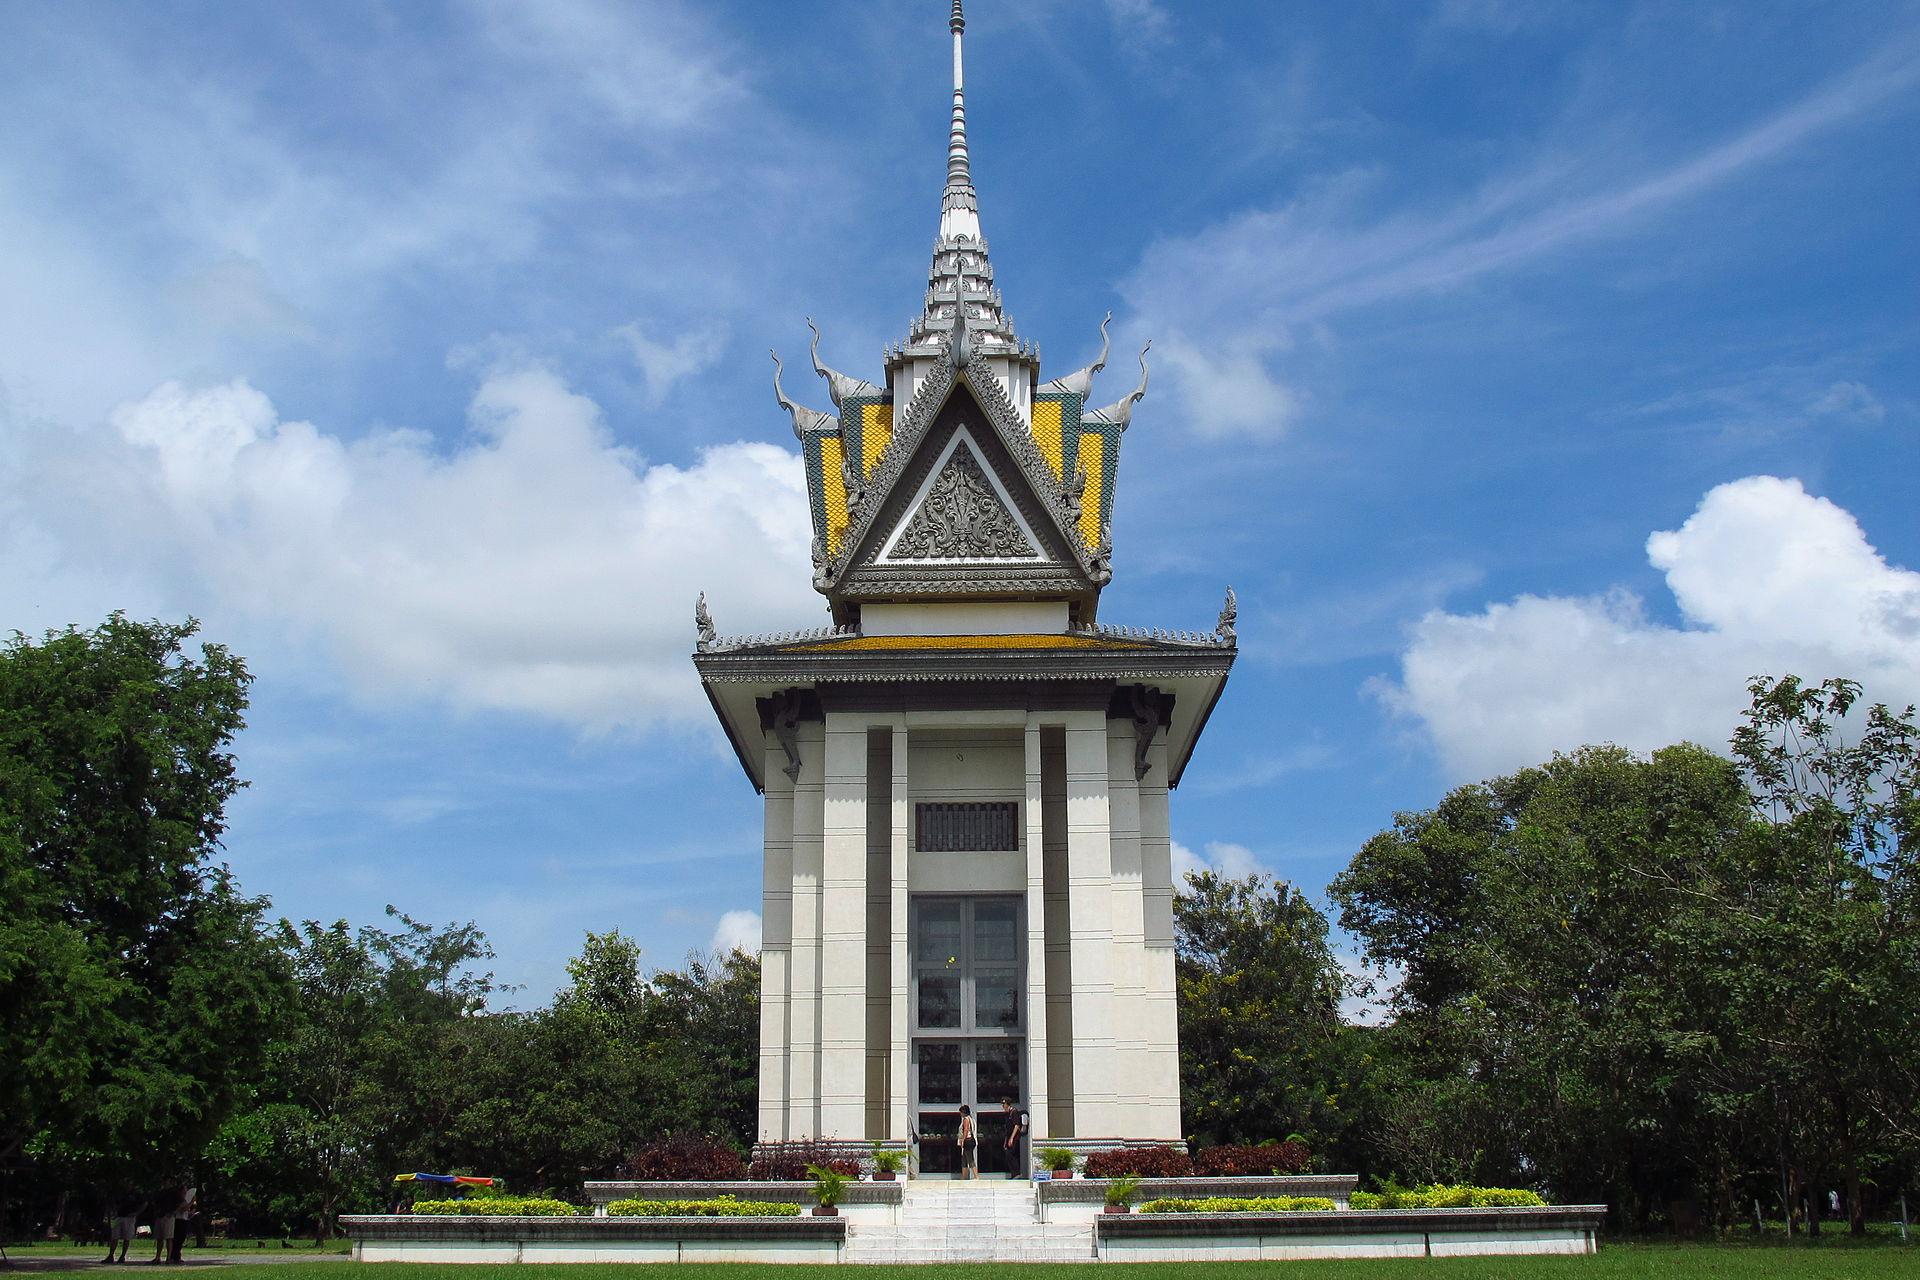 Cetiya beratap stupa di situs memorial Choeung Ek, Kamboja.